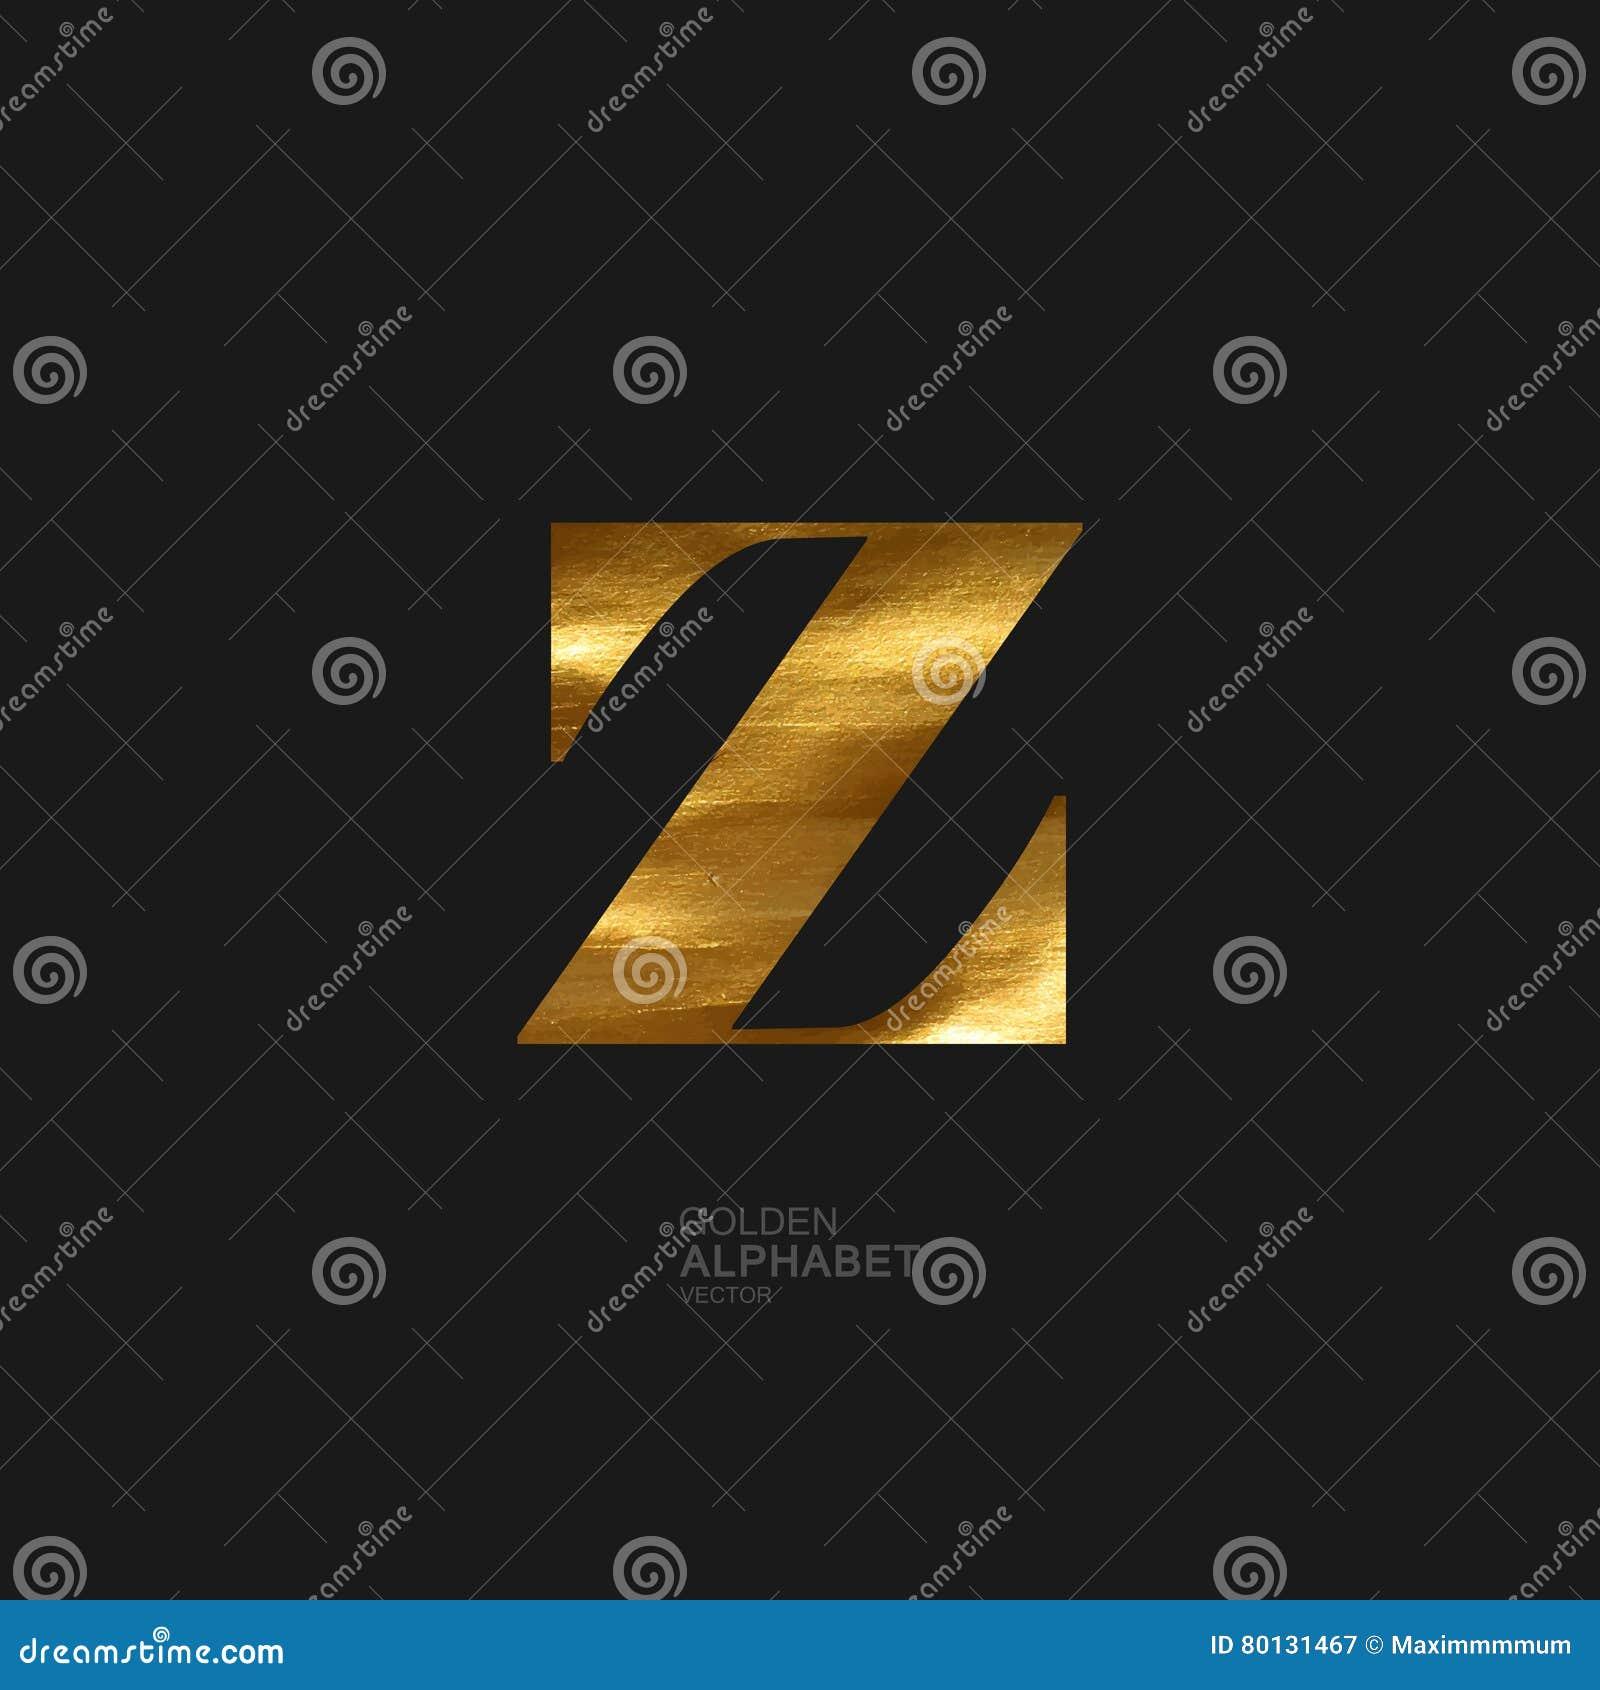 Golden letter Z